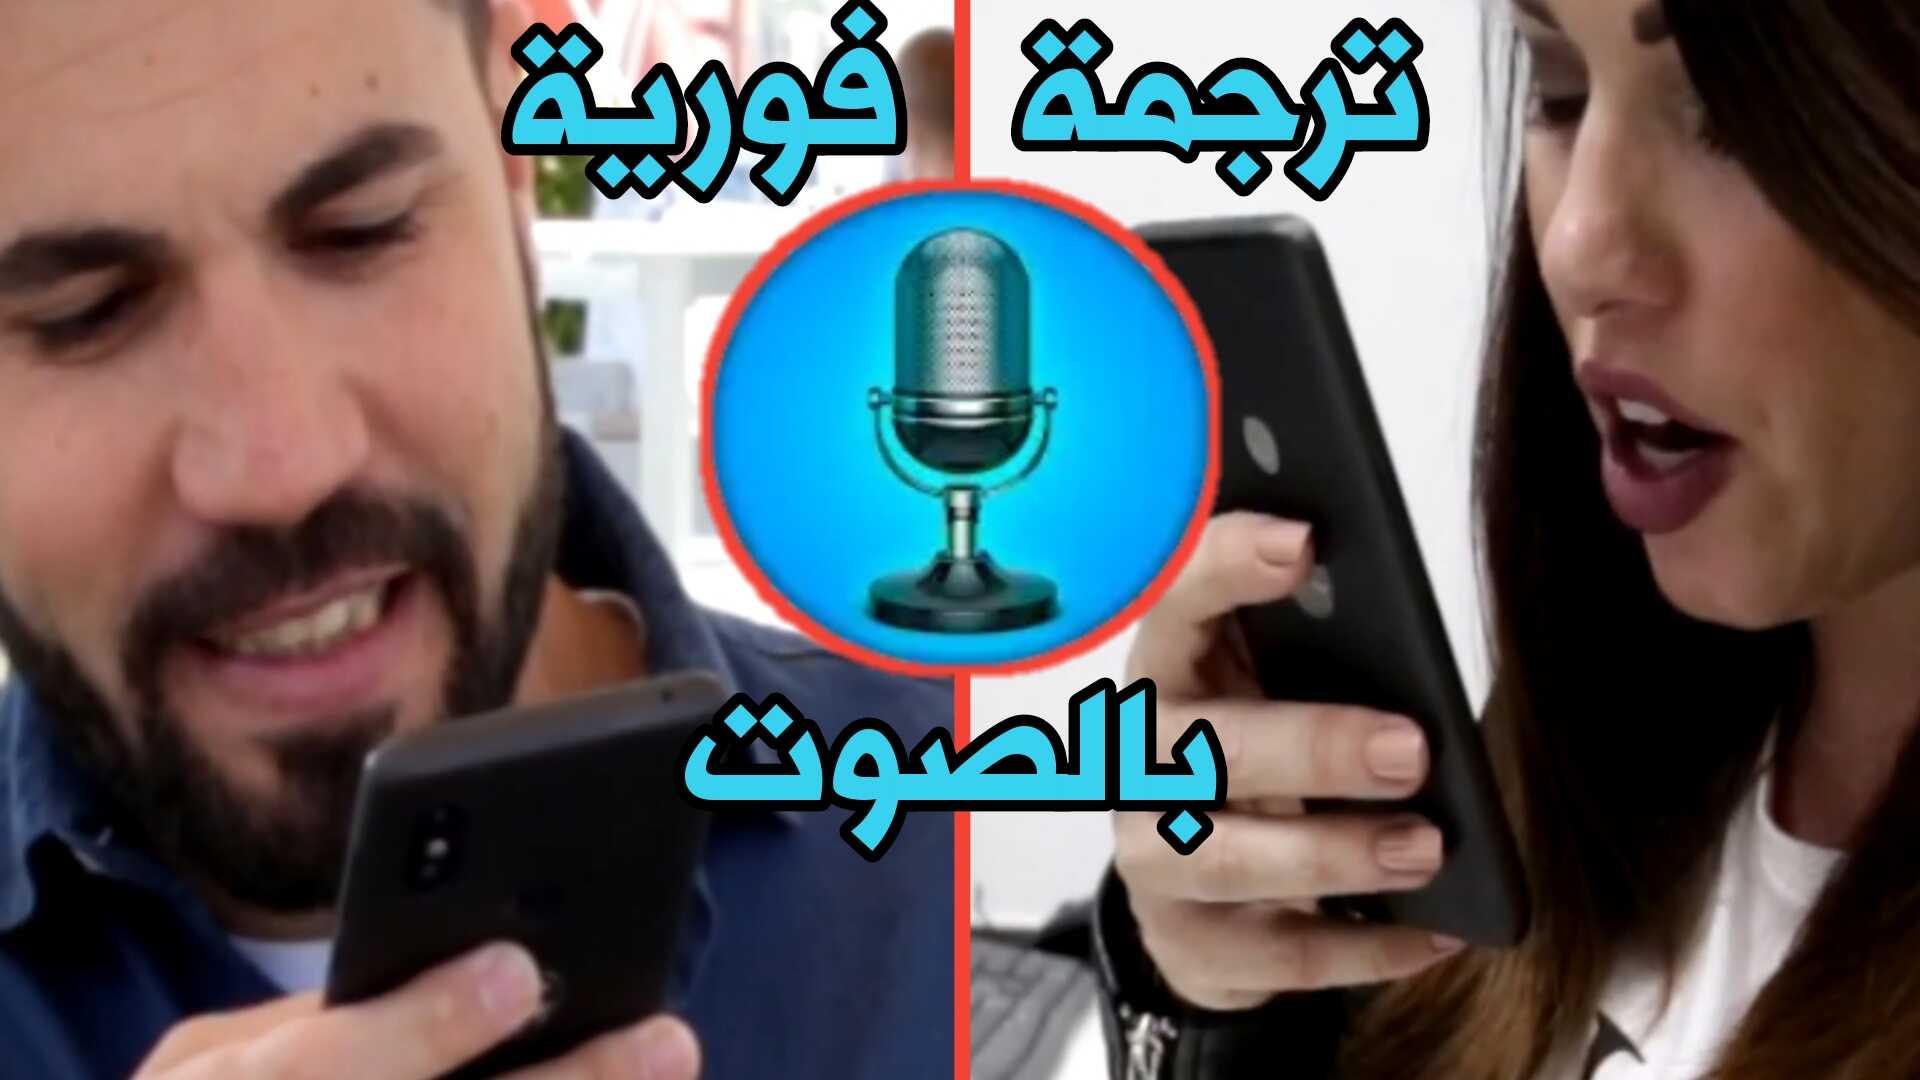 أفضل تطبيق ترجمة فورية بالصوت لهواه السفر وتعلم لغة جديدة